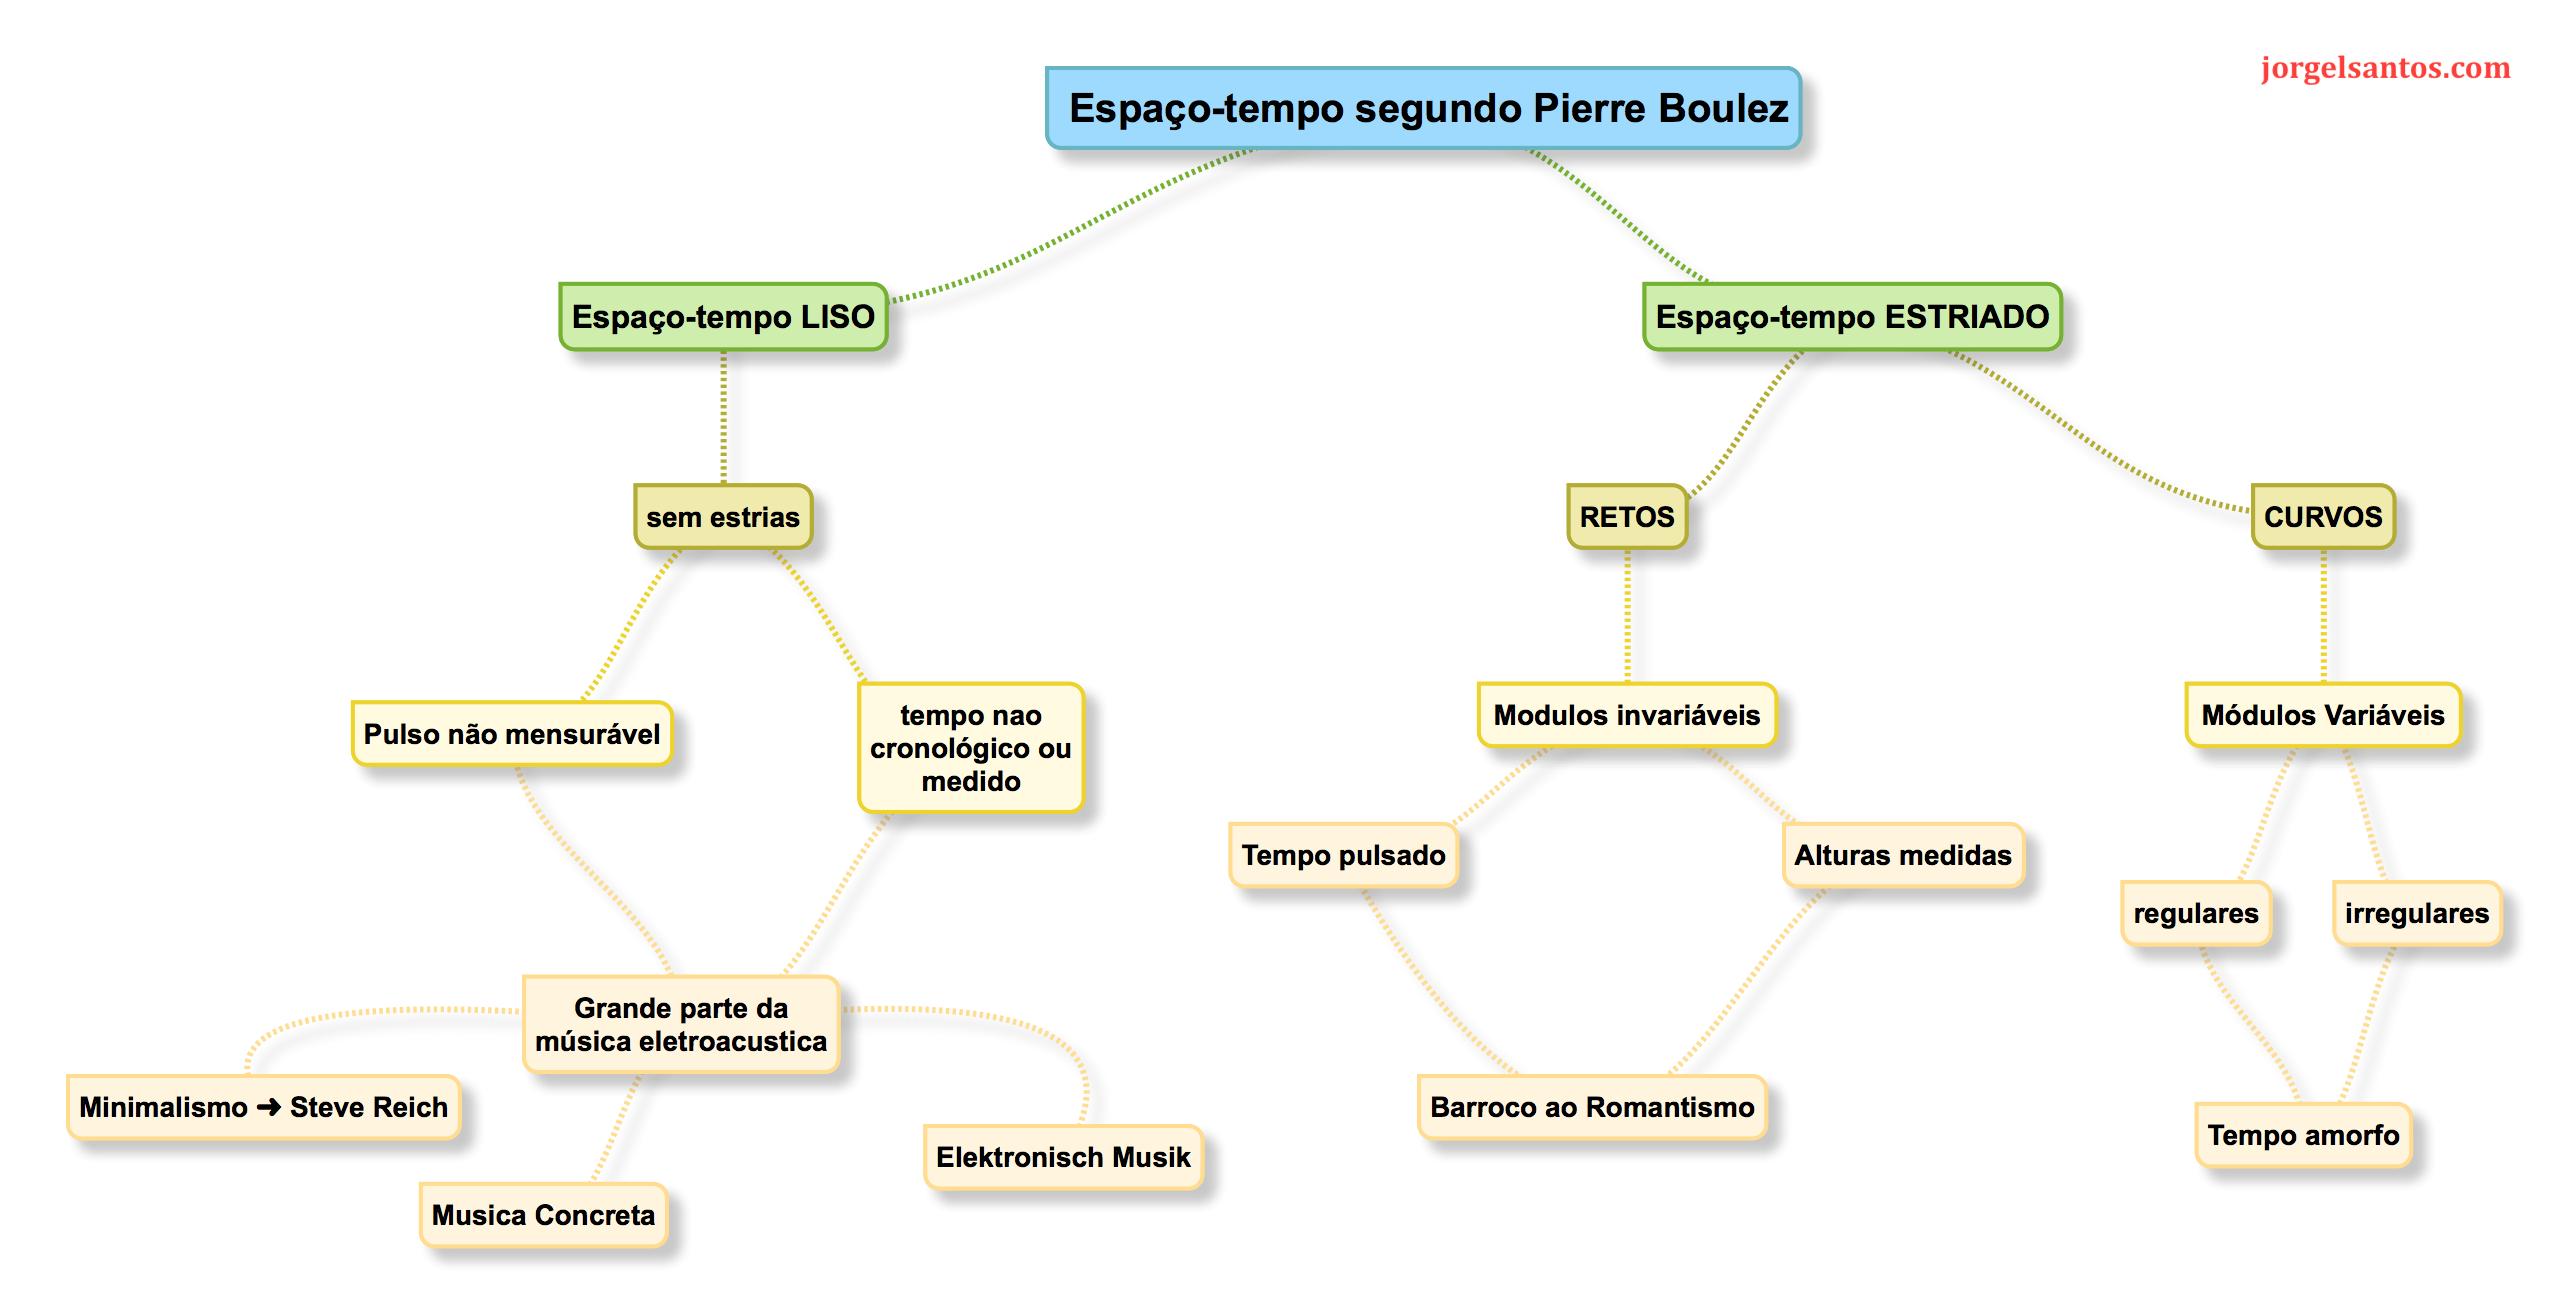 Espaço-tempo segundo Pierre Boulez